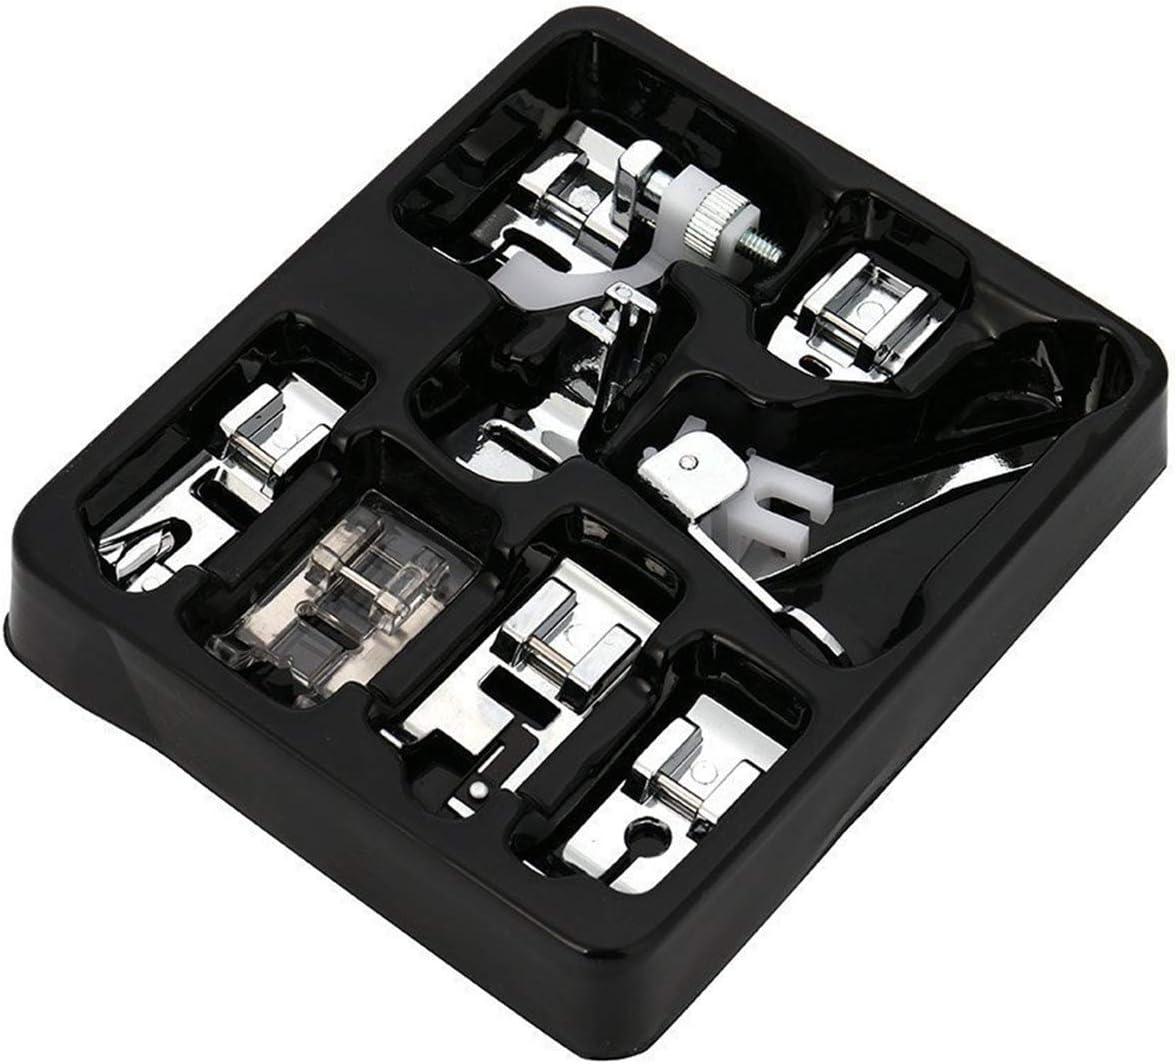 CKPSMS - Kit de prensatelas para máquinas Singer, Brother, Janome, Elna, Kenmore, vástago bajo, 8 unidades